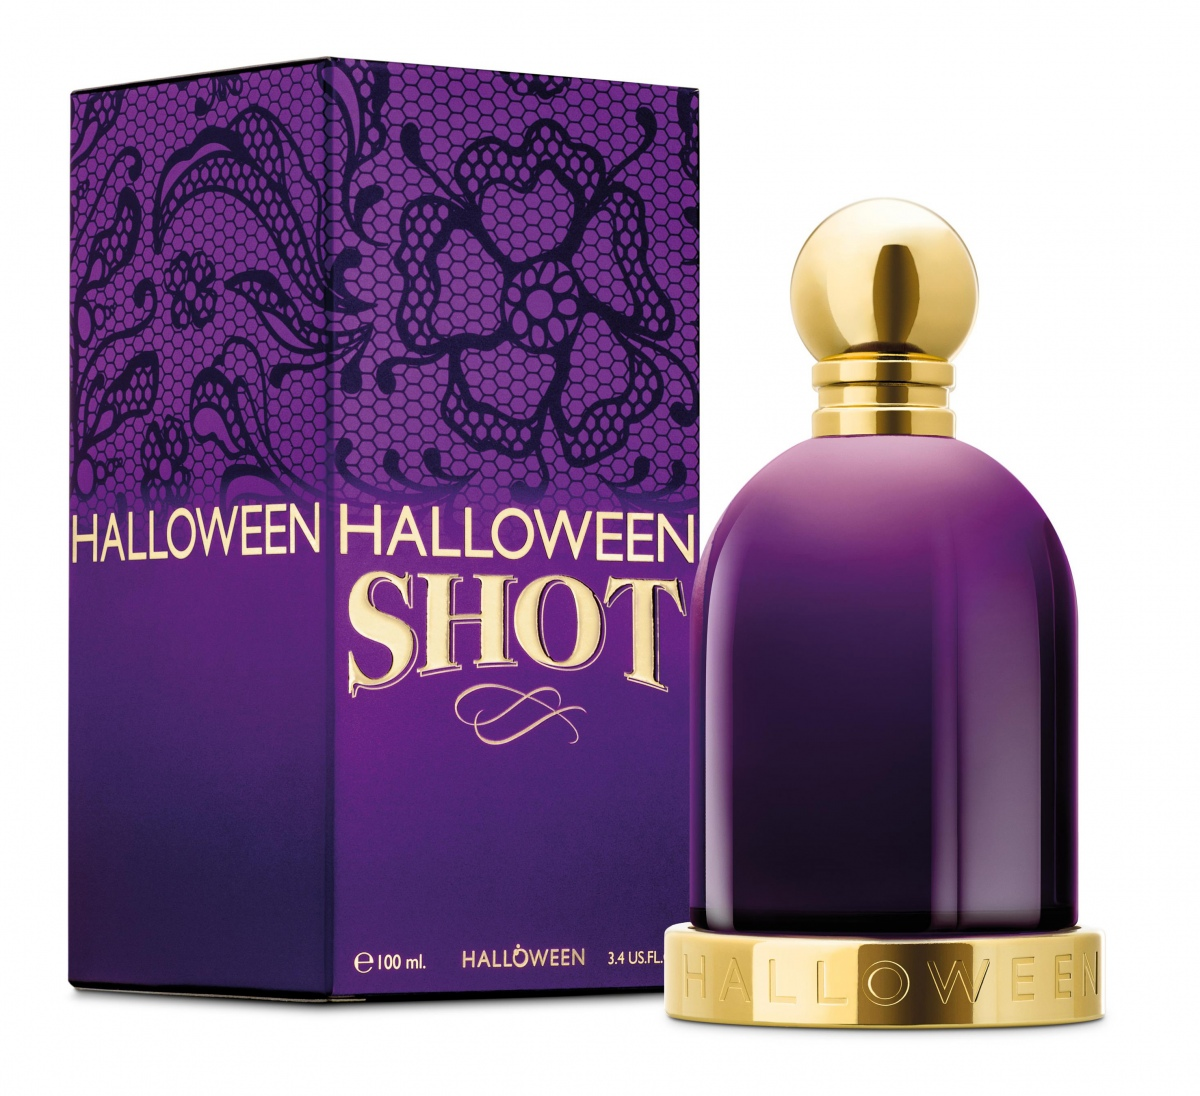 halloween shot halloween for women pictures - Halloween Purfume